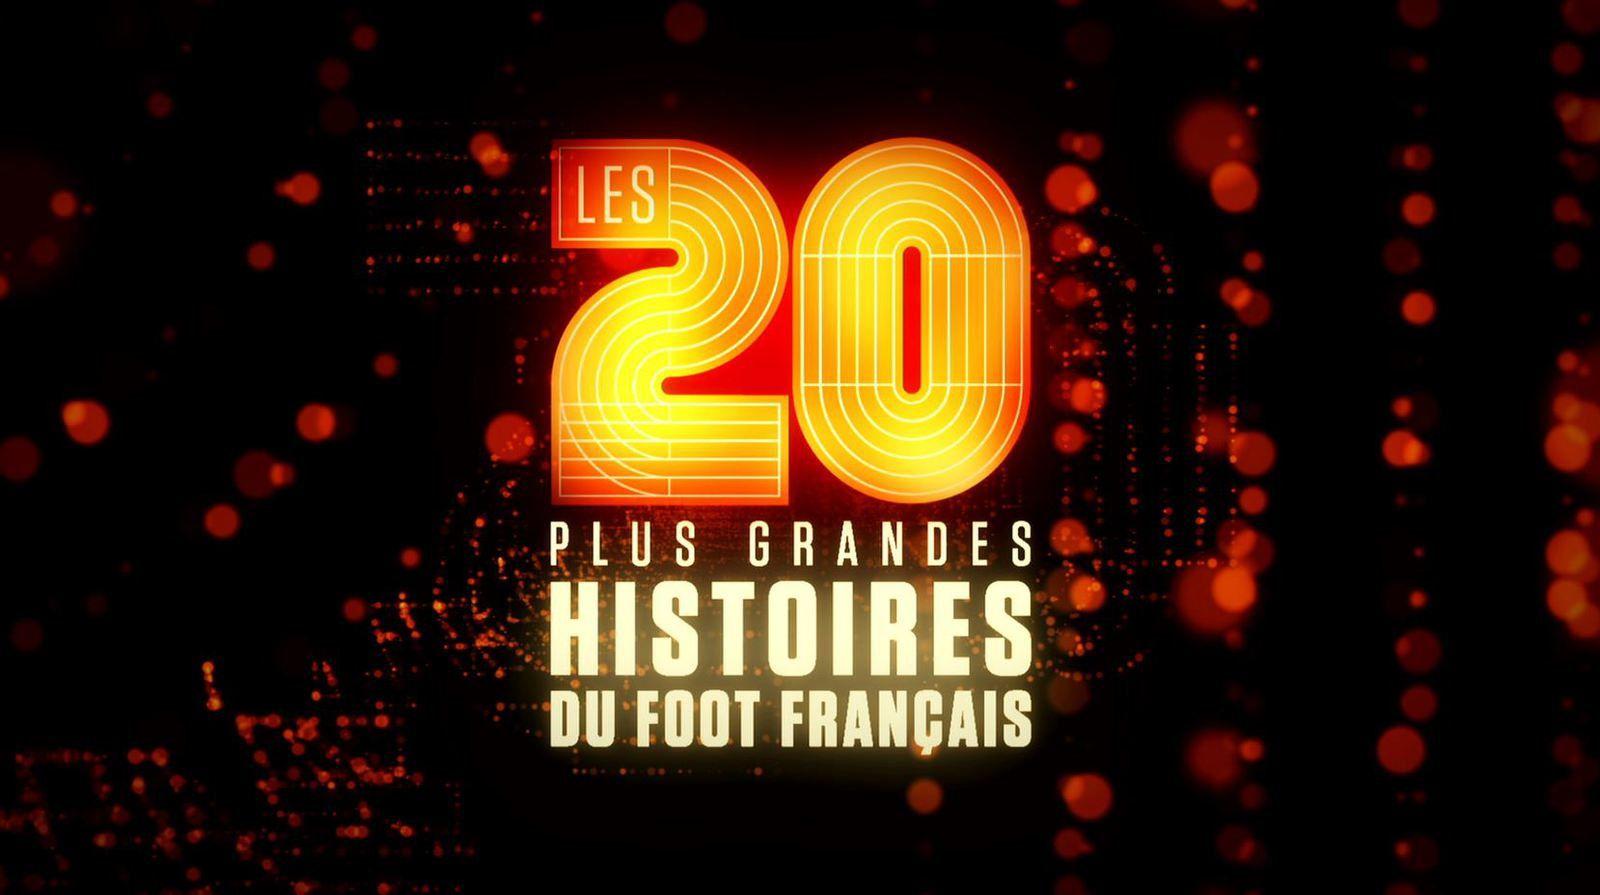 Les 20 plus grandes histoires du foot français, ce soir sur L'Equipe 21.